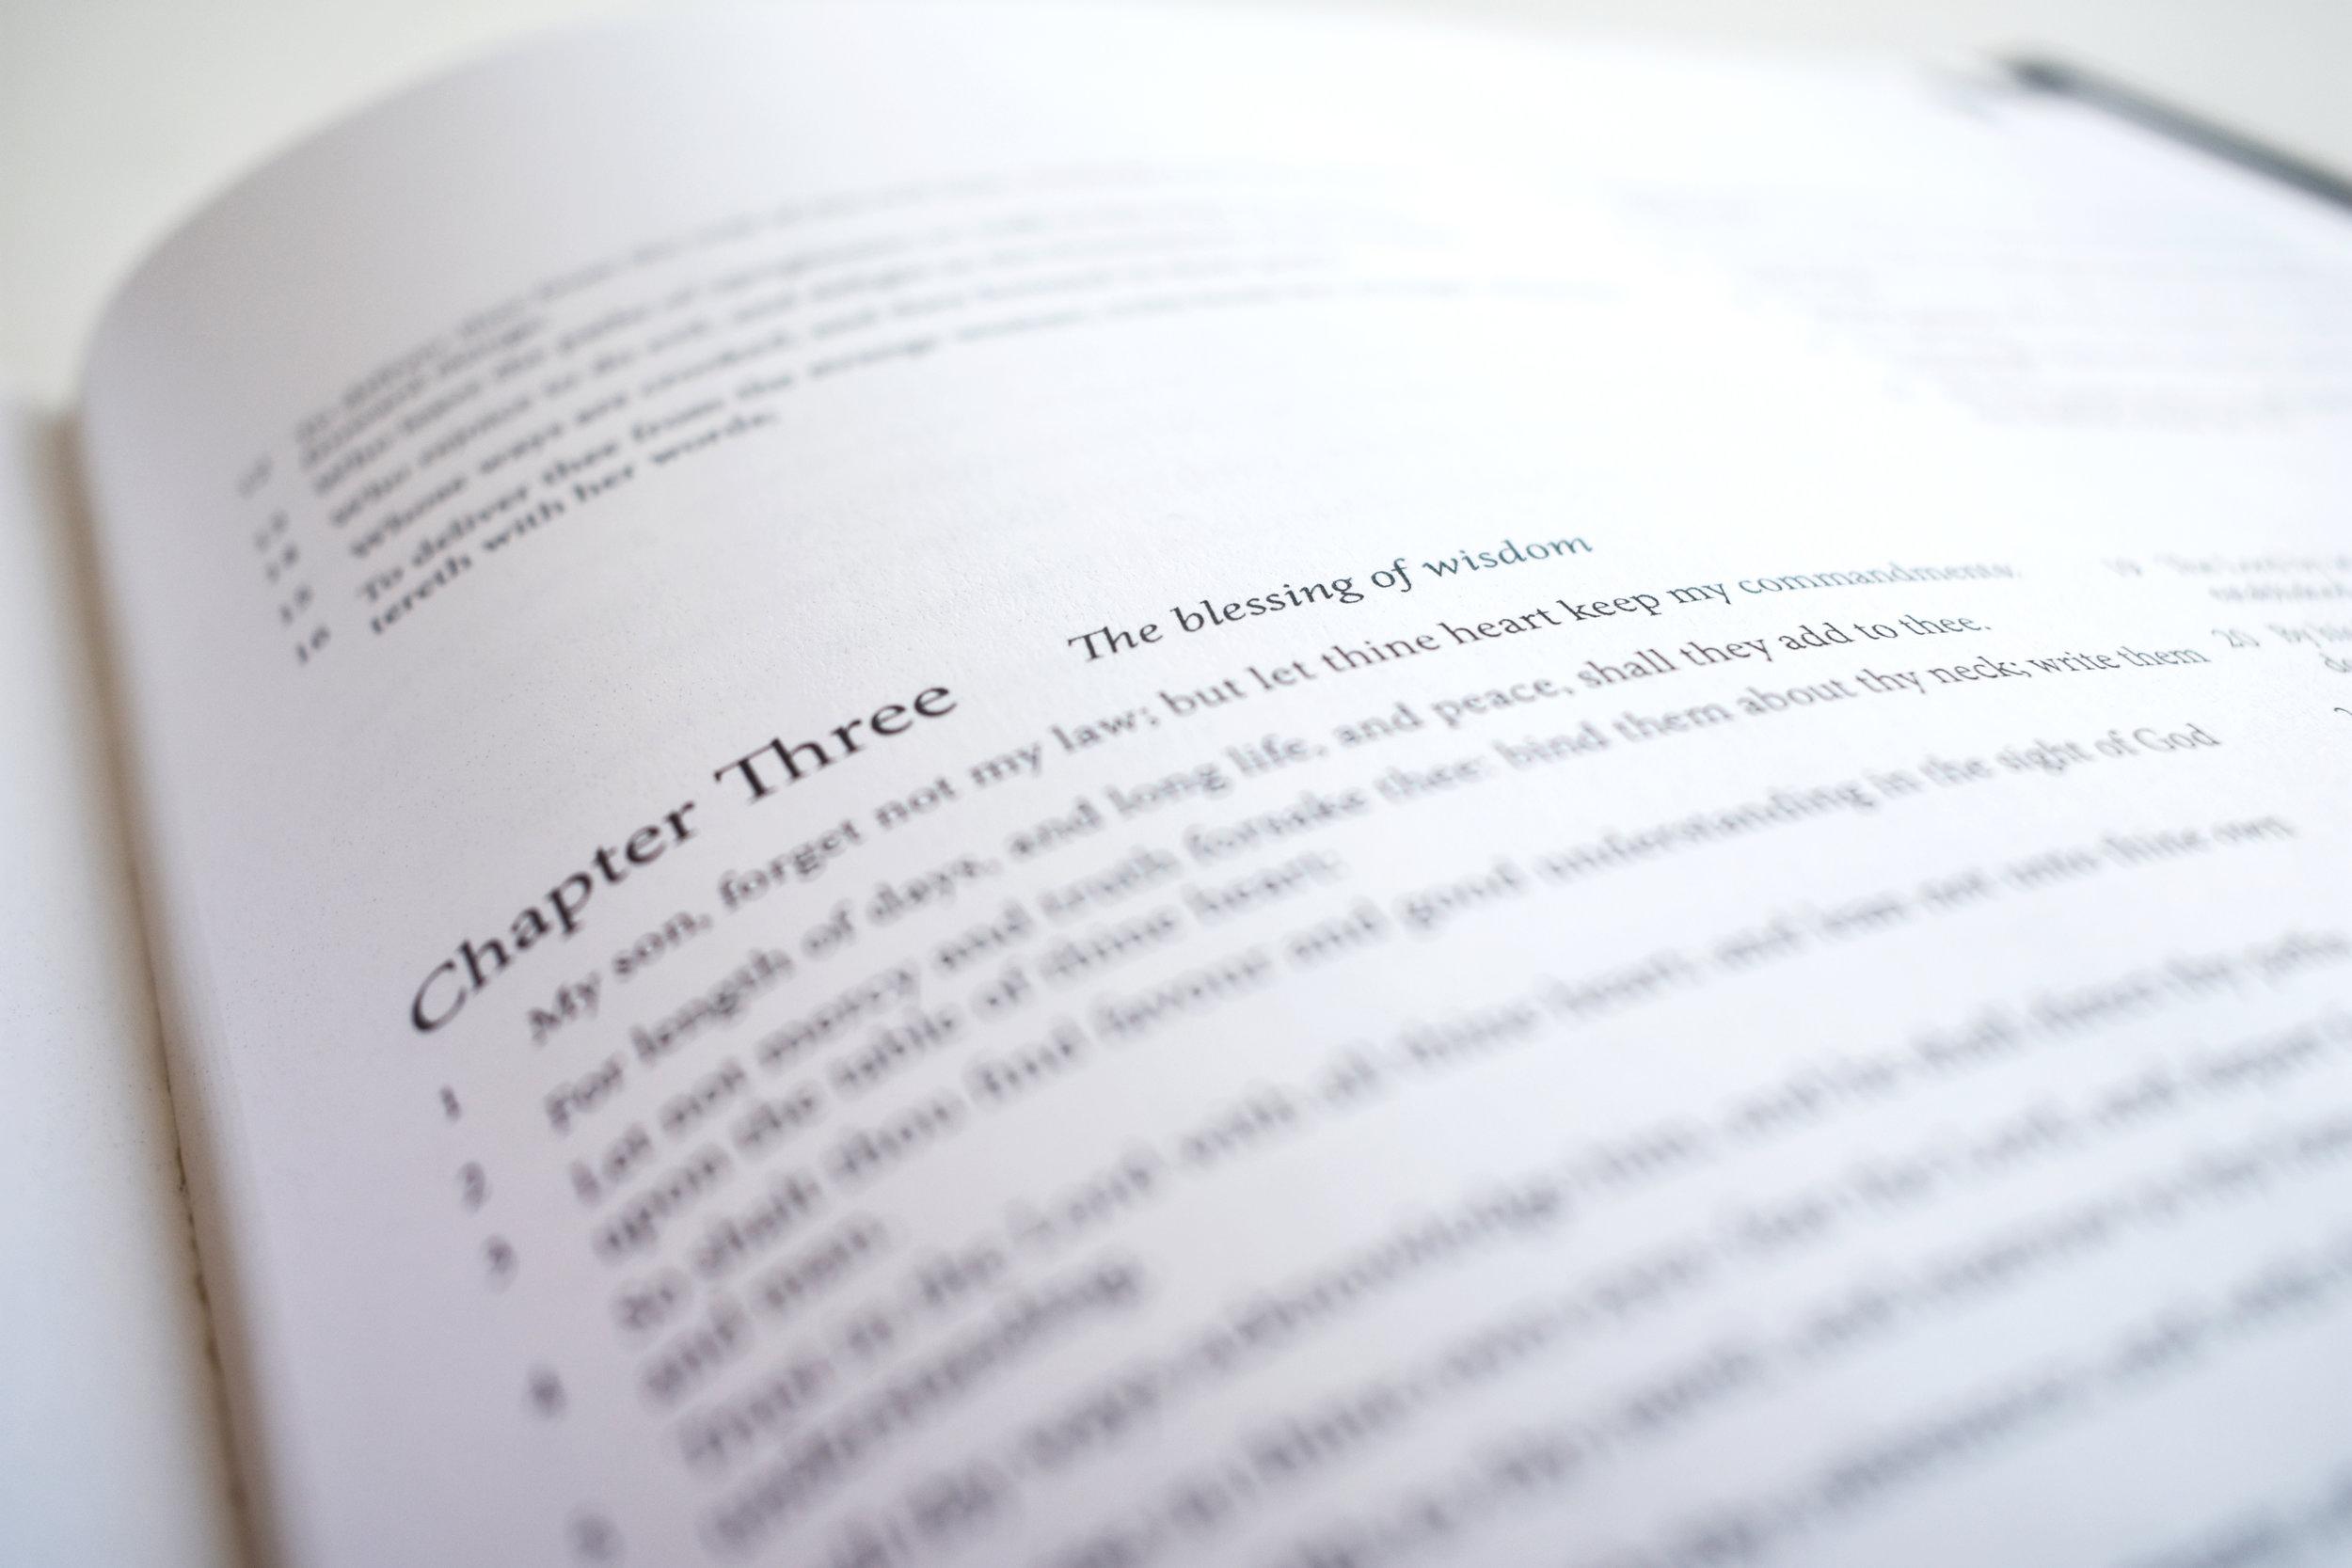 Chapterjpg.jpg